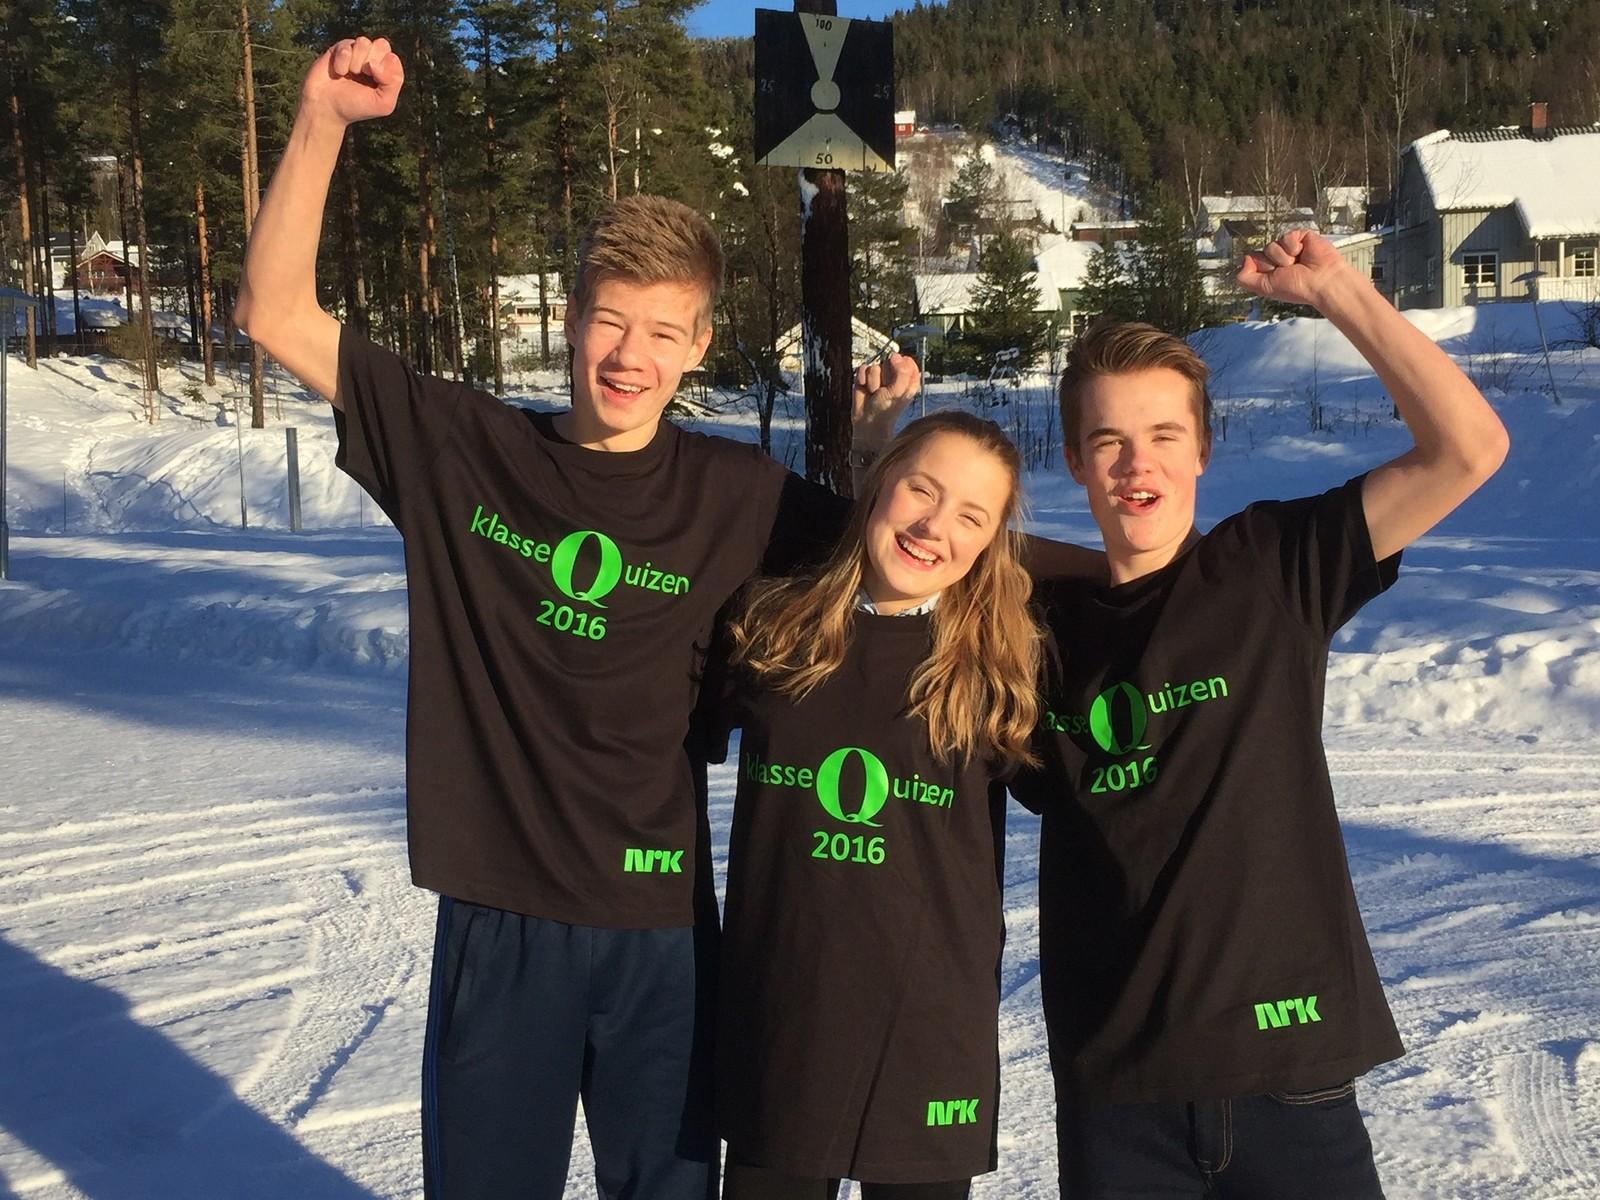 Øivind Løvmoen, Pernille Langseth og Amund Lillejordet fra Dokka ungdomsskole fikk 10 poeng.